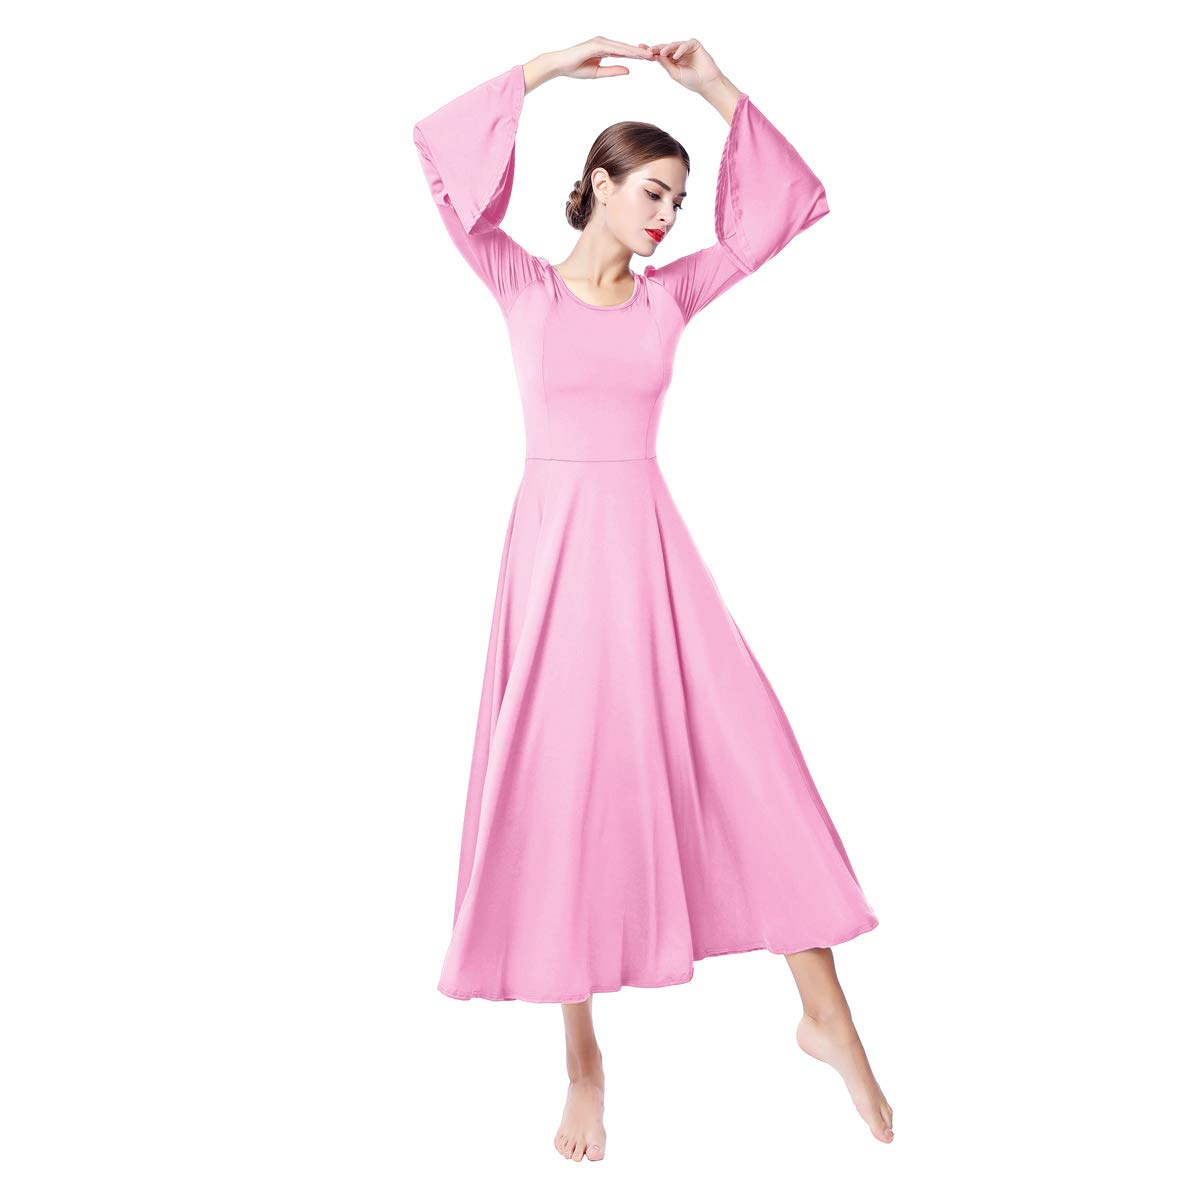 低価格 OBEEII B07FSJRYSY DRESS レディース レディース B07FSJRYSY Medium|ピンク ピンク ピンク Medium, フクトク:c79d5517 --- apundiscountdega.com